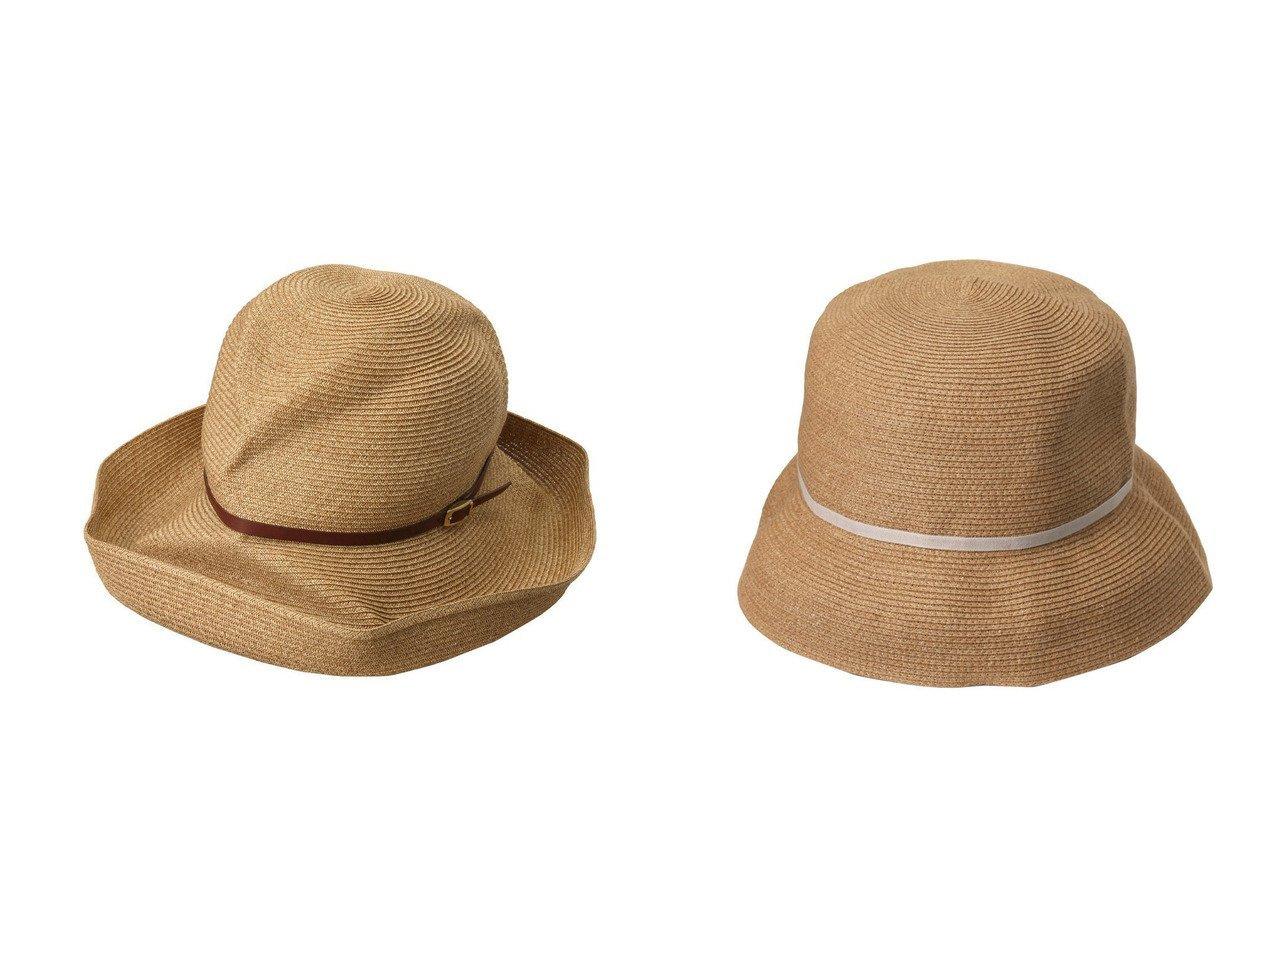 【mature ha./マチュアーハ】のペーパーブレードライトハット(short brim)&BOXED HAT レザーベルト(11cm brim) おすすめ!人気、トレンド・レディースファッションの通販 おすすめで人気の流行・トレンド、ファッションの通販商品 インテリア・家具・メンズファッション・キッズファッション・レディースファッション・服の通販 founy(ファニー) https://founy.com/ ファッション Fashion レディースファッション WOMEN 帽子 Hats ベルト Belts シンプル フォルム 帽子 |ID:crp329100000040397